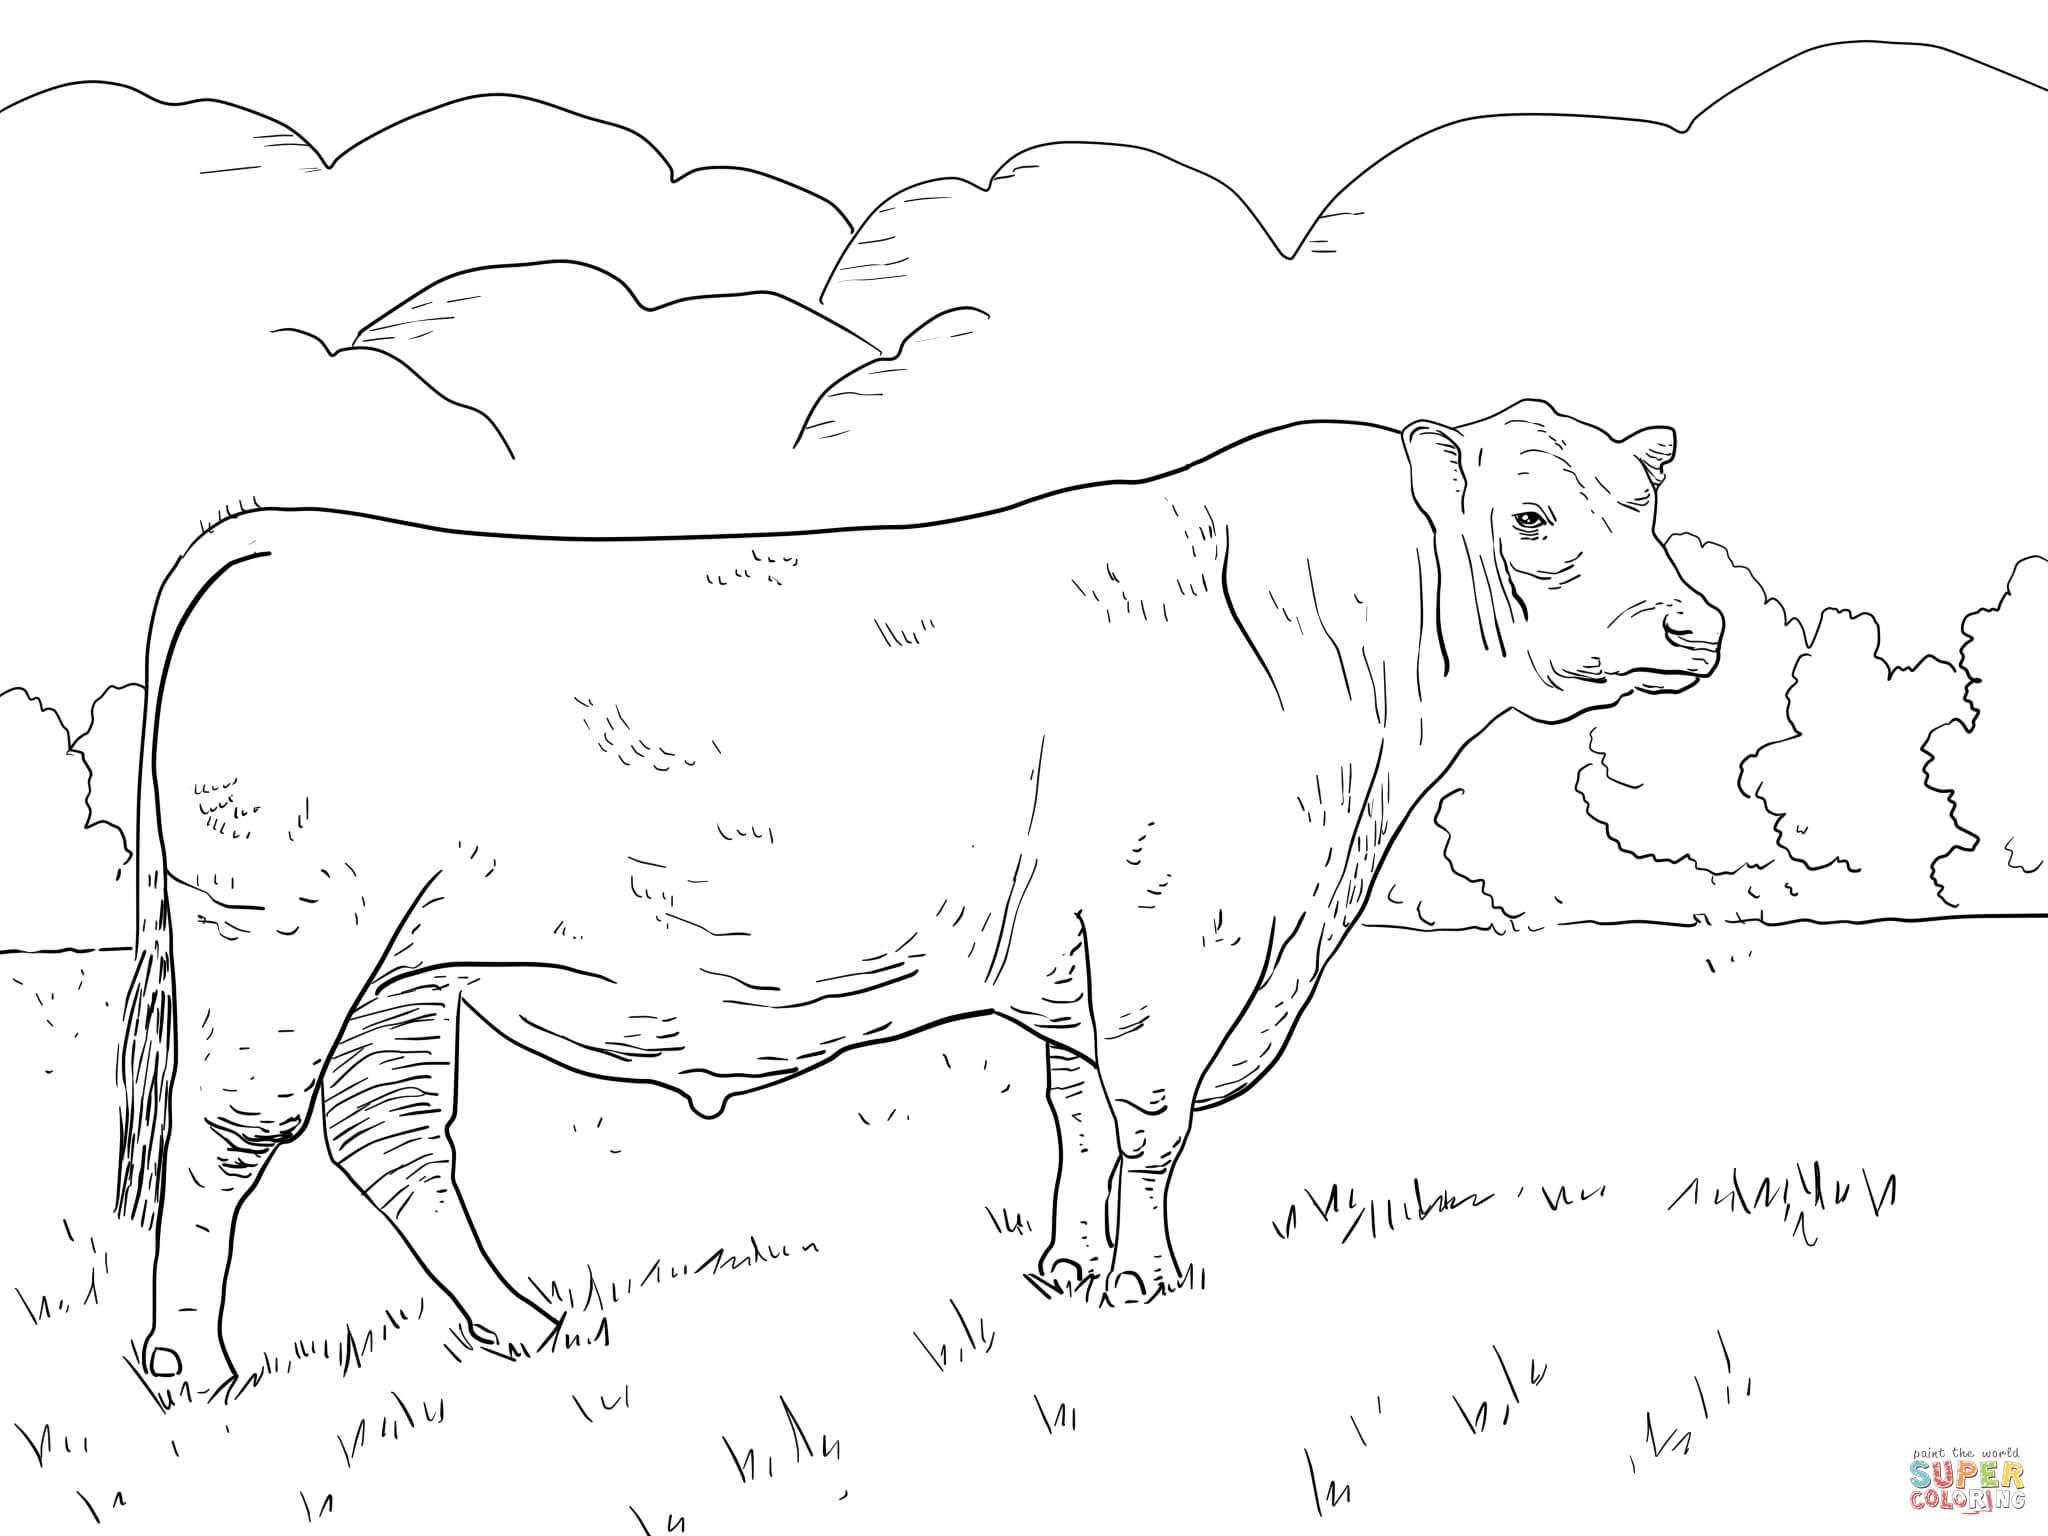 Ausmalbilder Rinder - Malvorlagen Kostenlos Zum Ausdrucken verwandt mit Malvorlagen Kühe